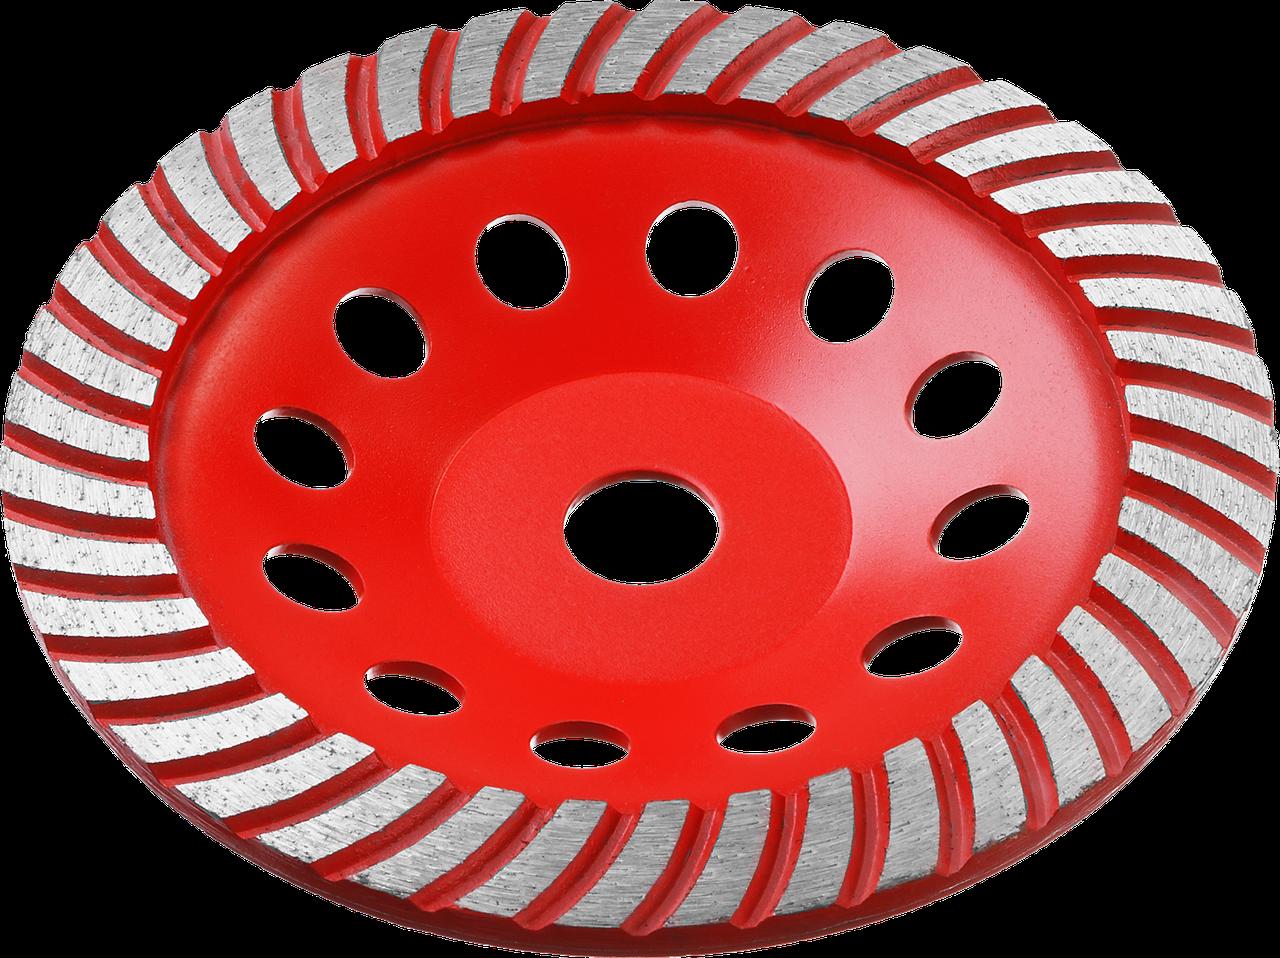 Турбо-Плюс ЗУБР чашка алмазная шлифовальная сегментированная 115 мм, МАСТЕР 180, 7900